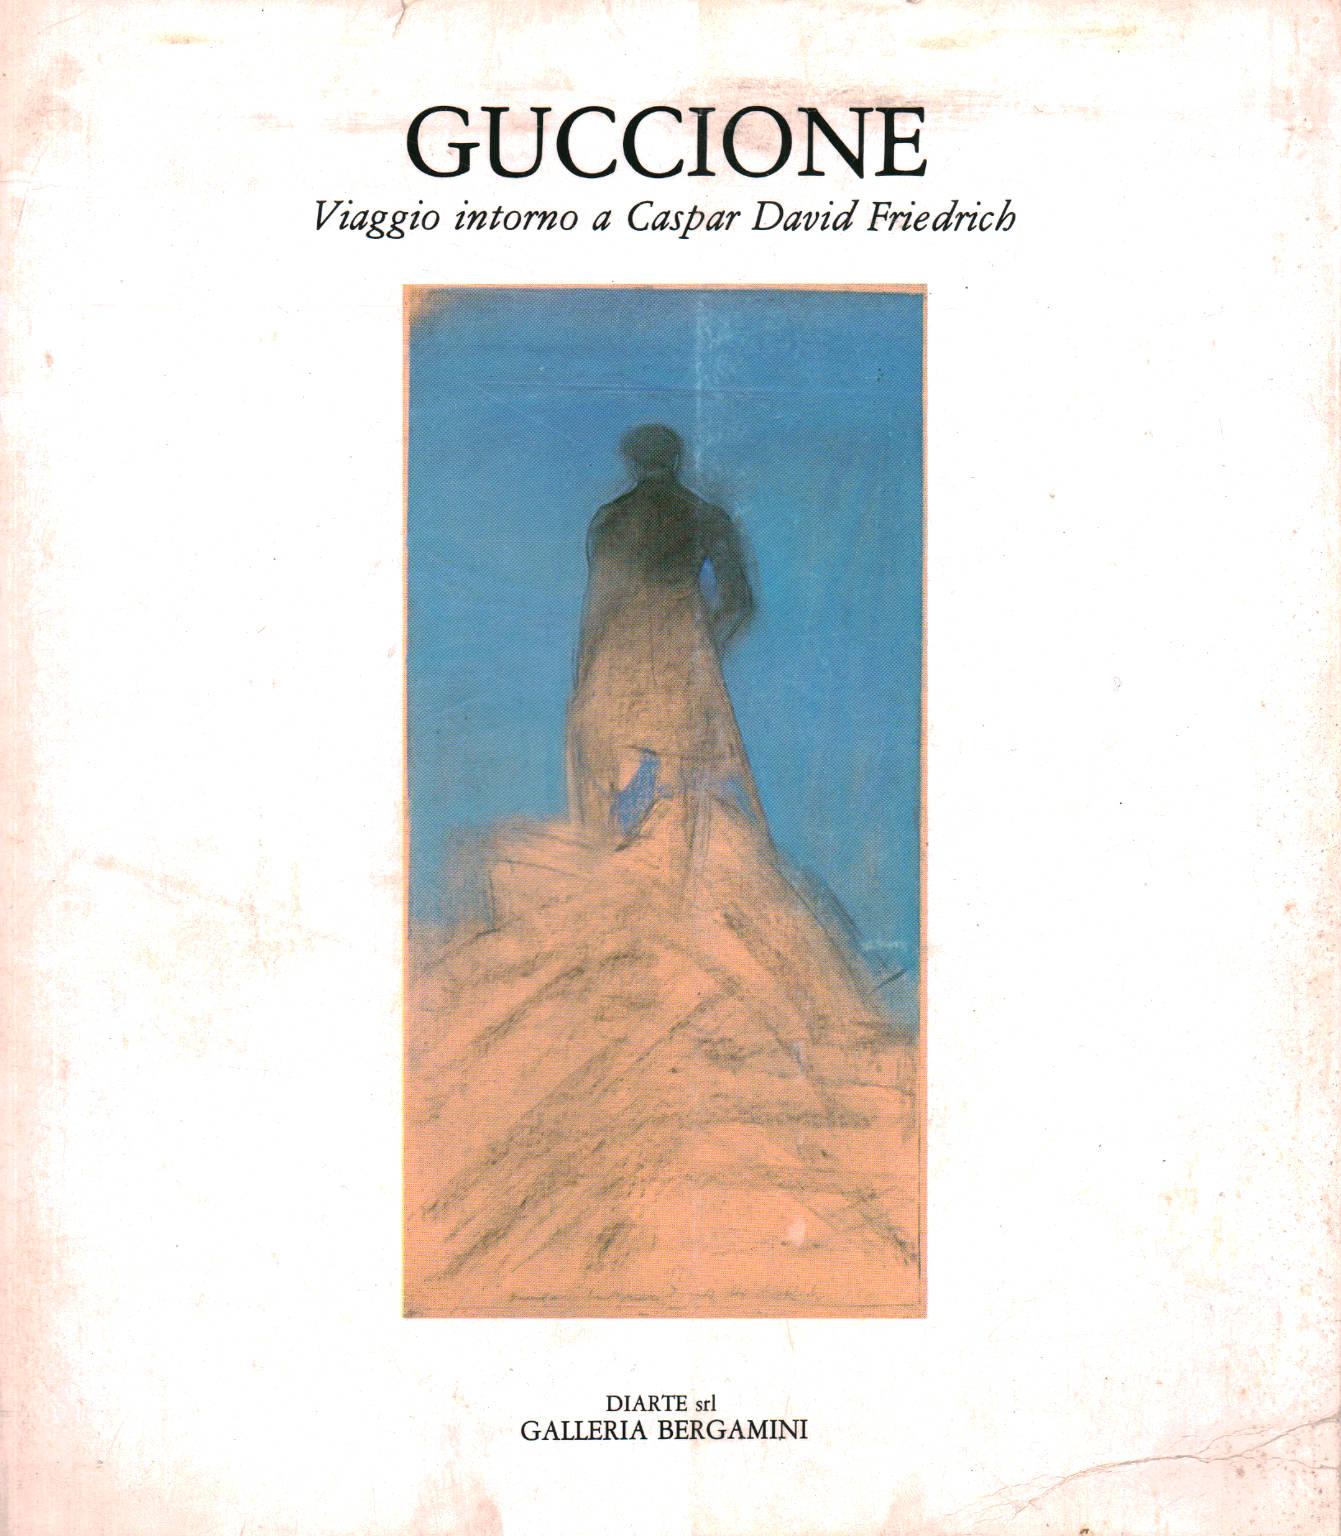 Piero Guccione, il catalogo della mostra su Friedrich alla Galleria Bergamini di Milano, 1984